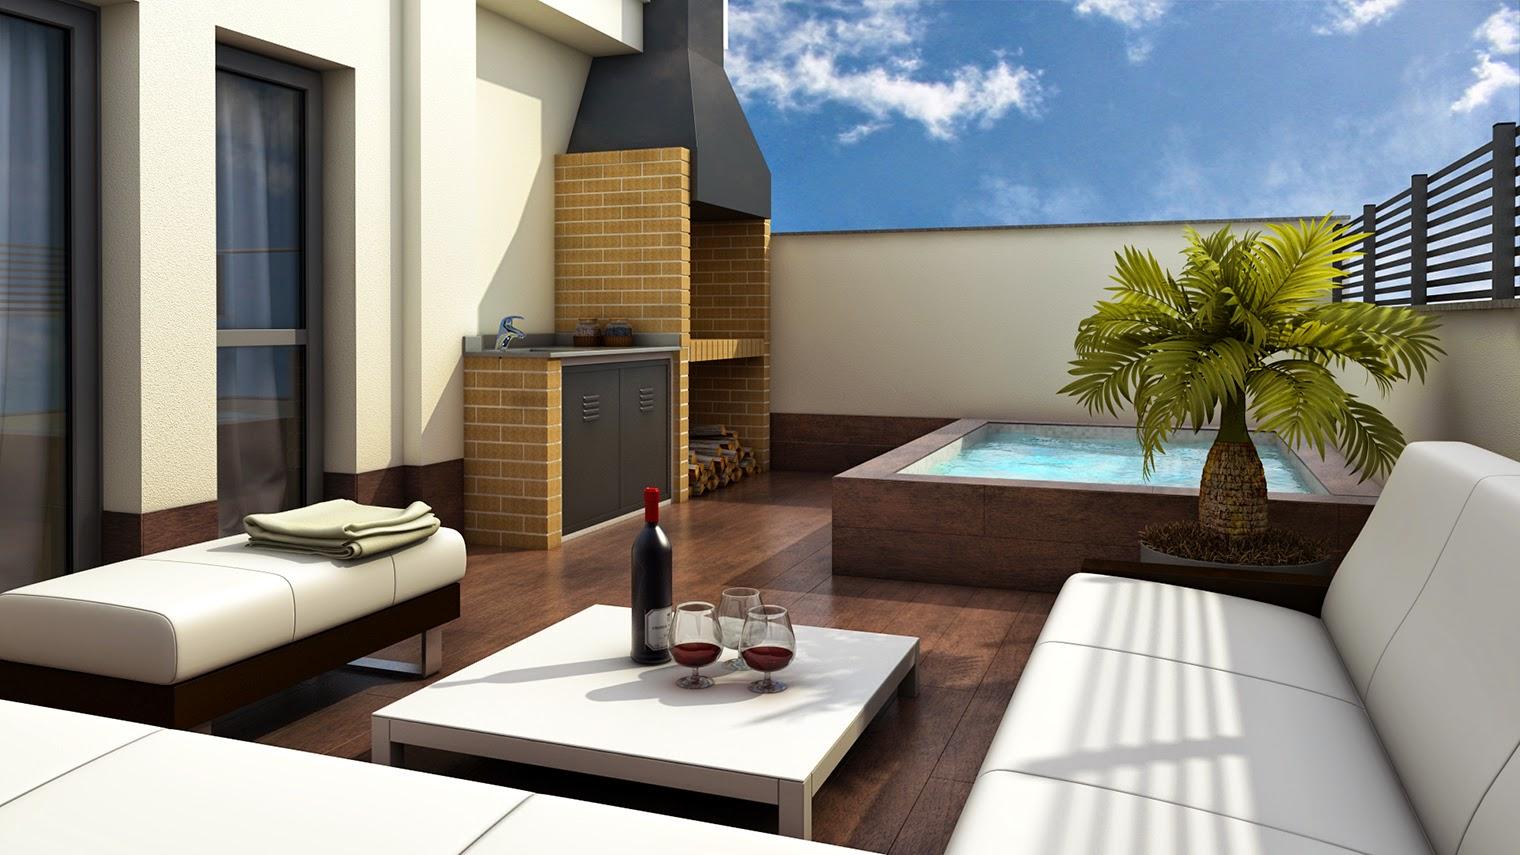 Qubic 10 ideas para una terraza de ensue o for Terrazas pequenas minimalistas